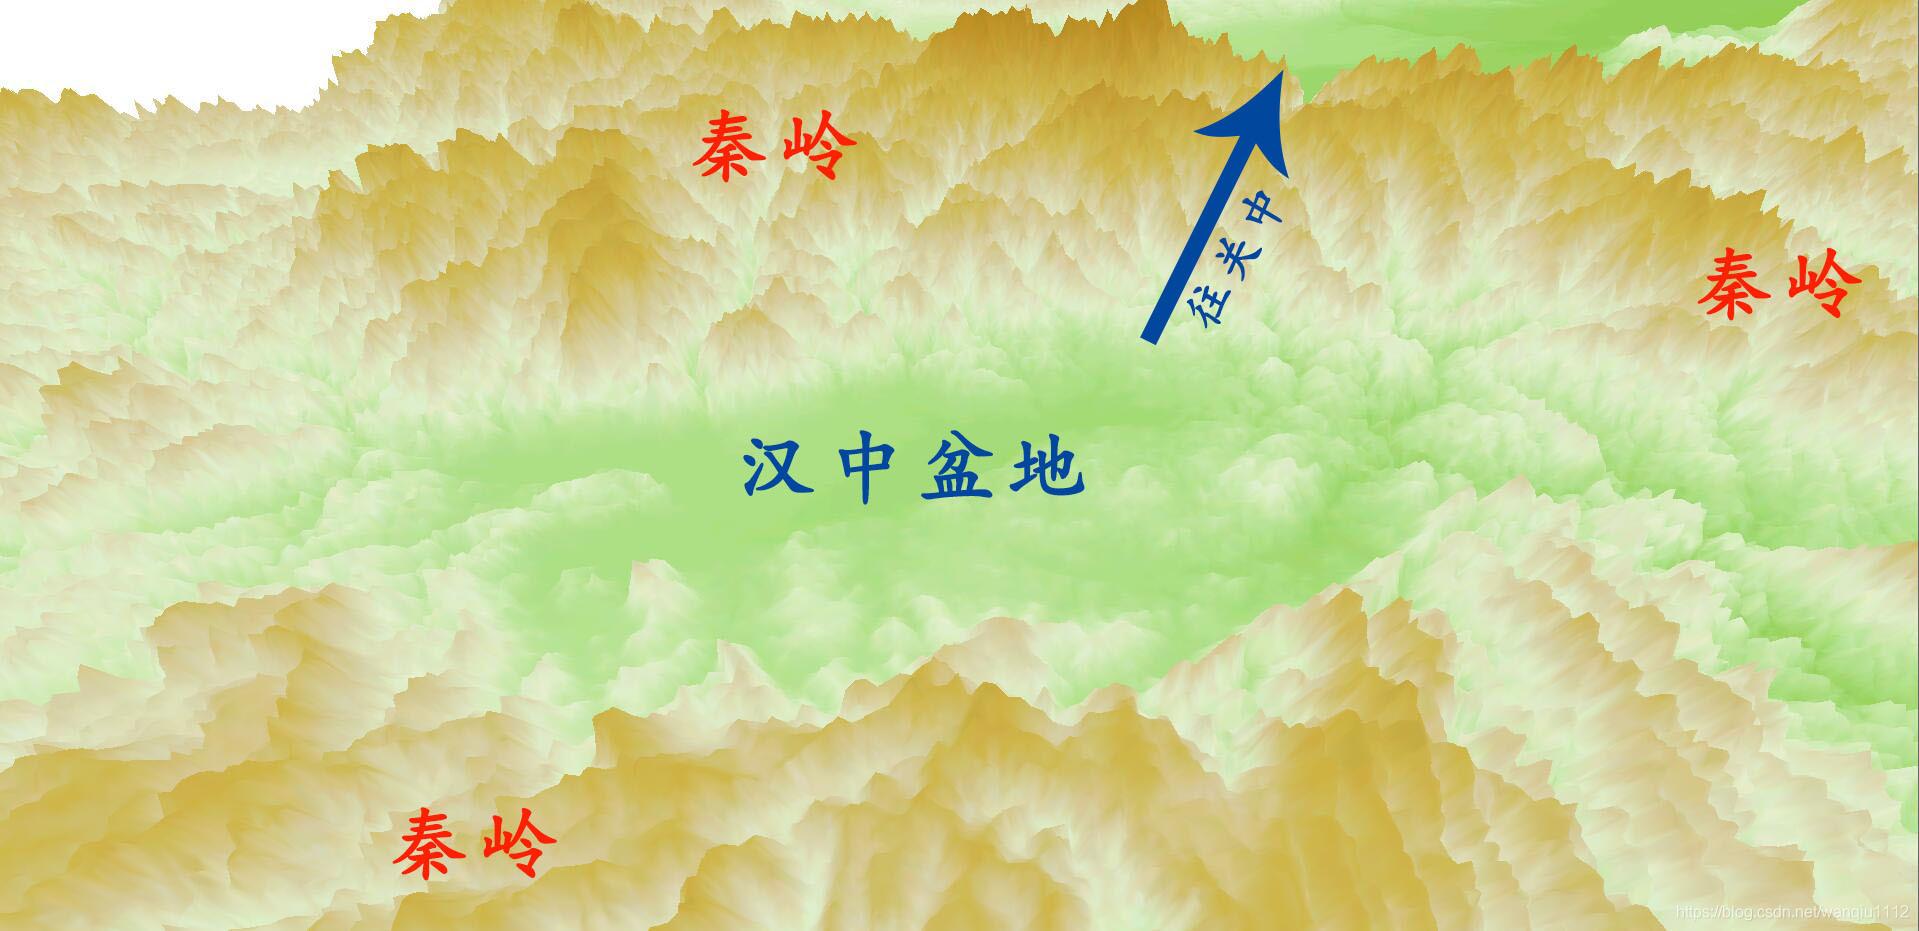 秦岭峪道示意图